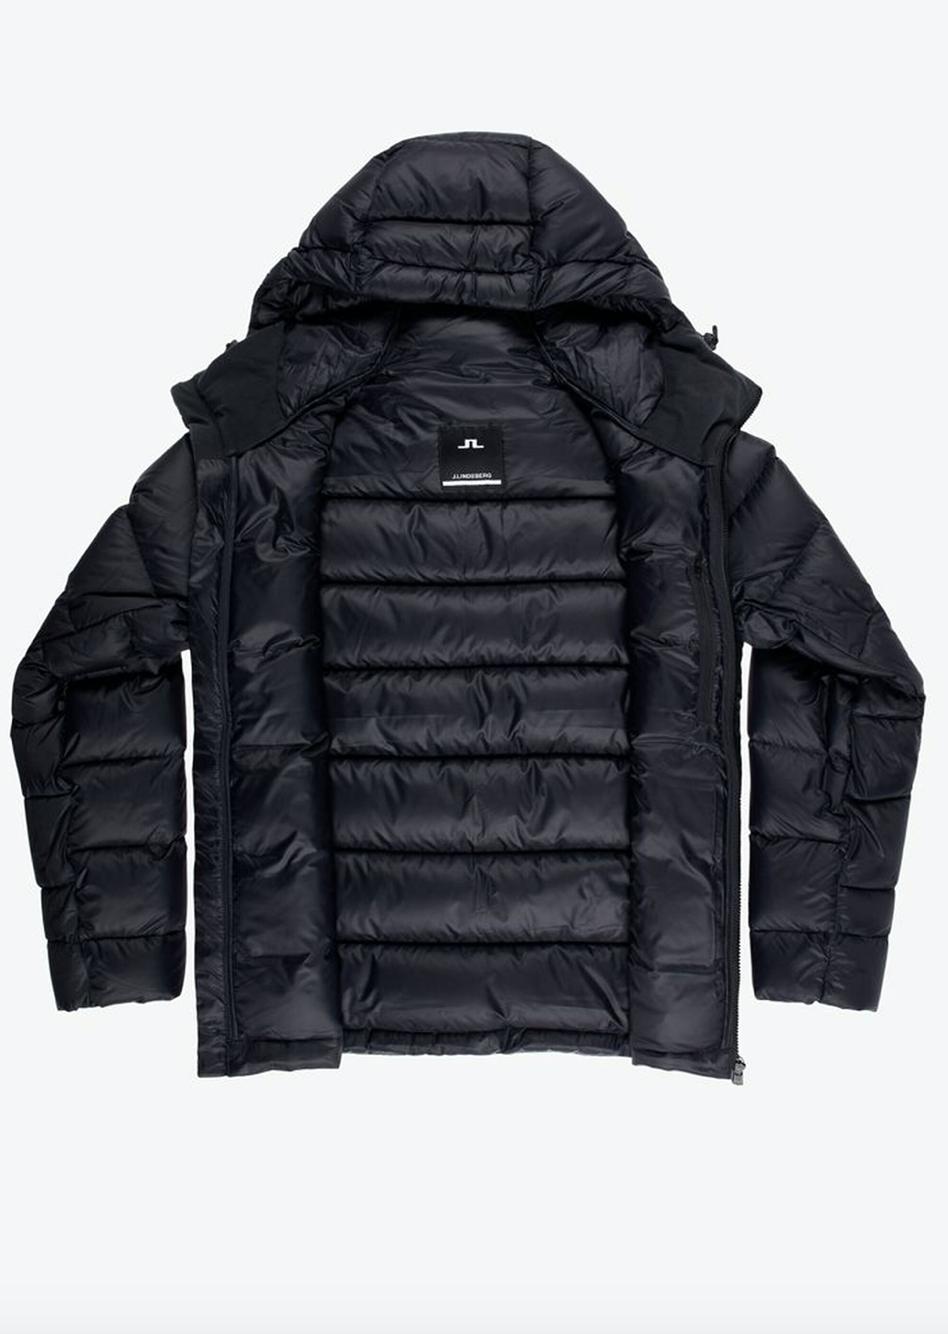 Bilde av Lindeberg Ross down jacket SMOW02277 9999 black